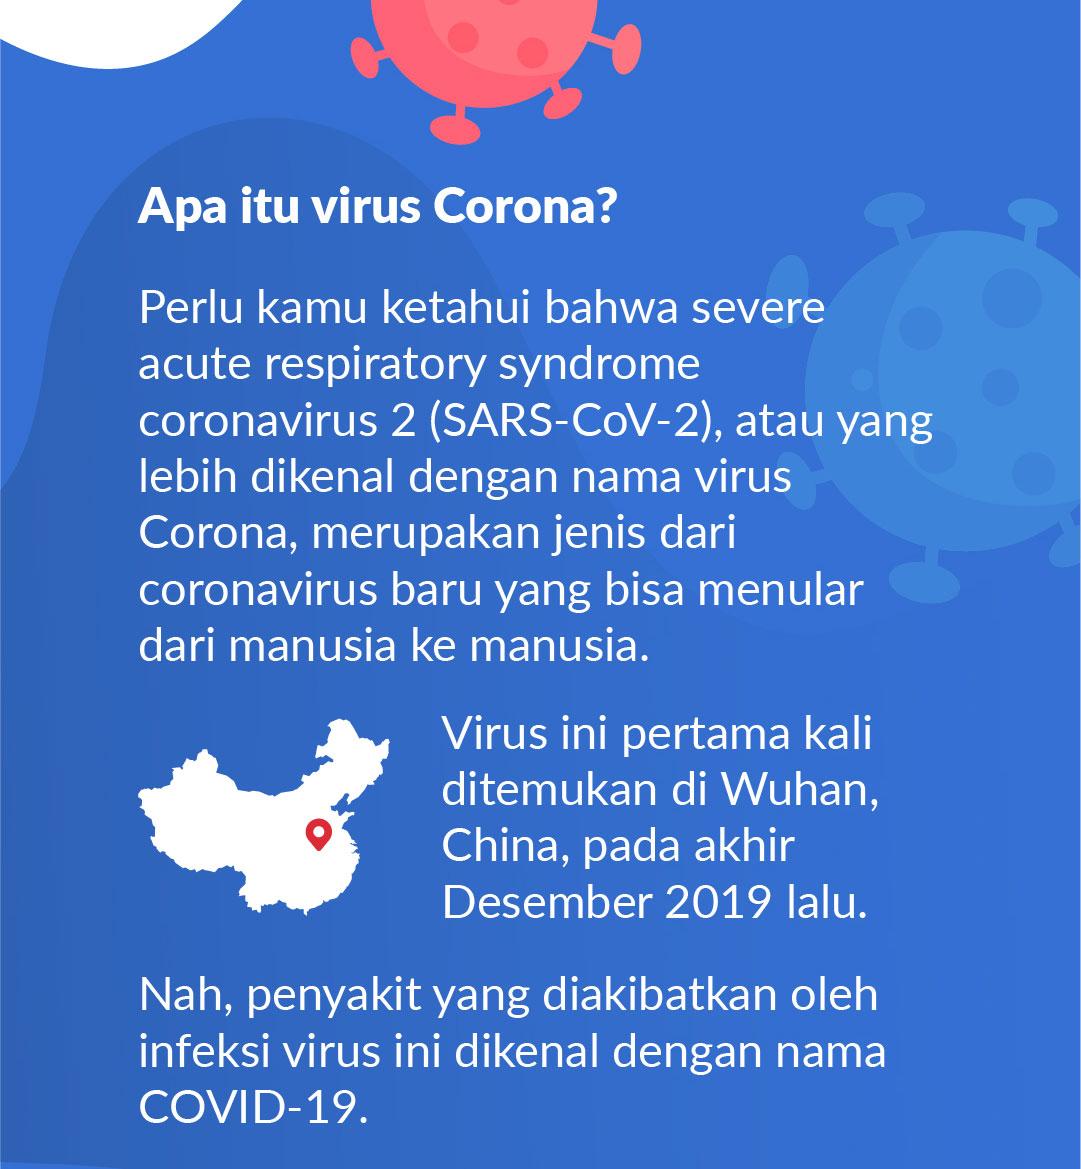 Apa itu virus Corona?